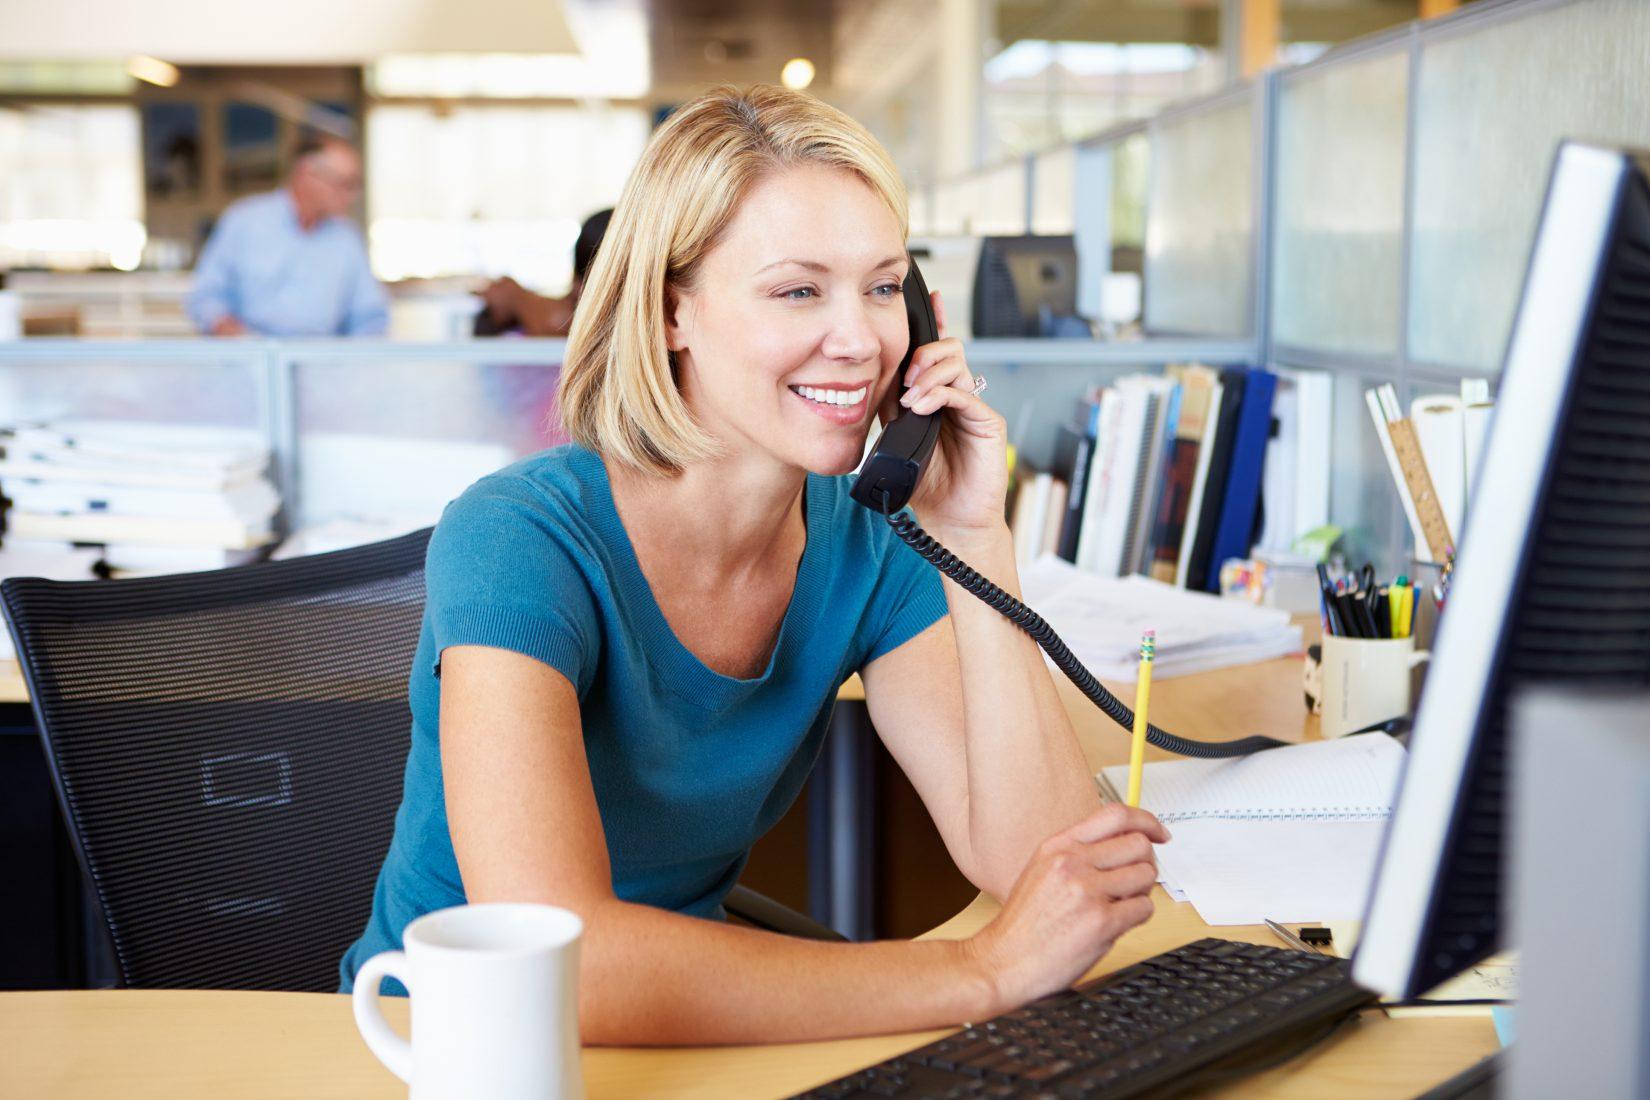 Woman On Phone In Busy Modern Office In Smart/Casual Dresswear